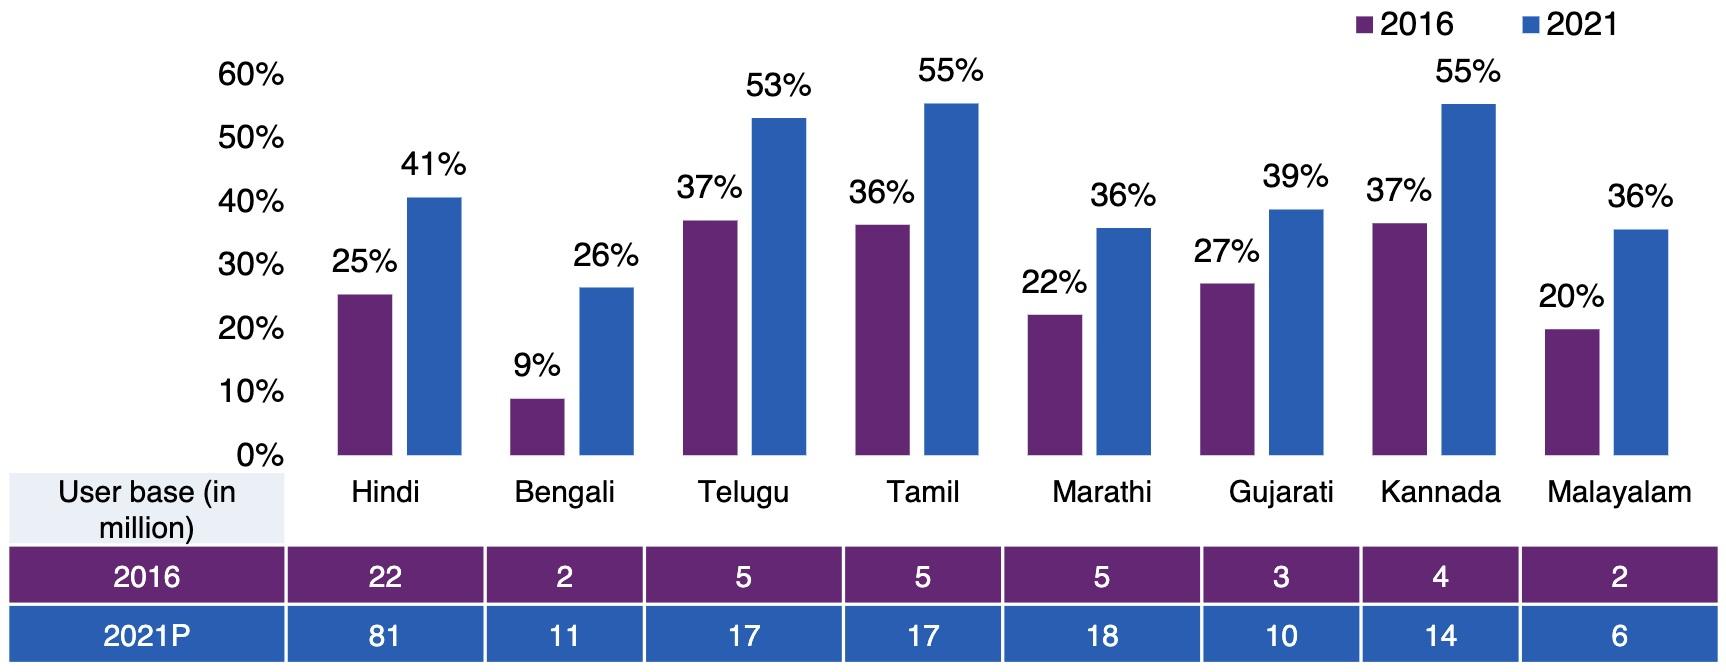 Figure 2: Source Google-KPMG report https://assets.kpmg/content/dam/kpmg/in/pdf/2017/04/Indian-languages-Defining-Indias-Internet.pdf